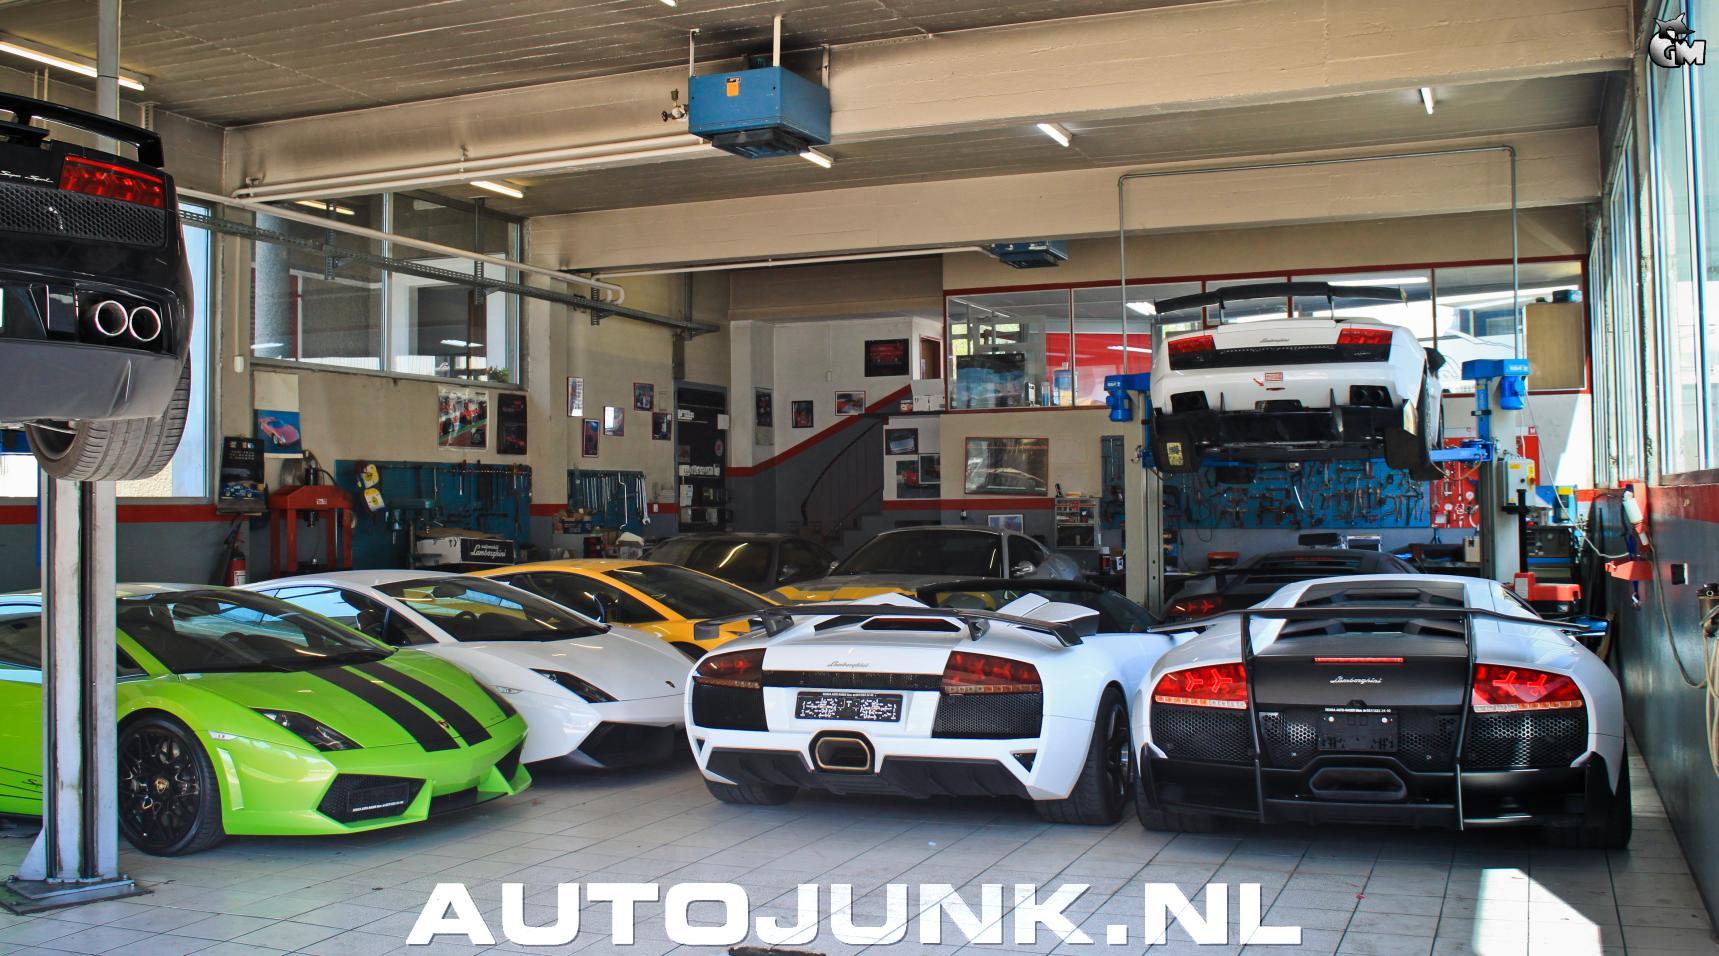 Lamborghini Garage In Zwitserland Foto S 187 Autojunk Nl 102766